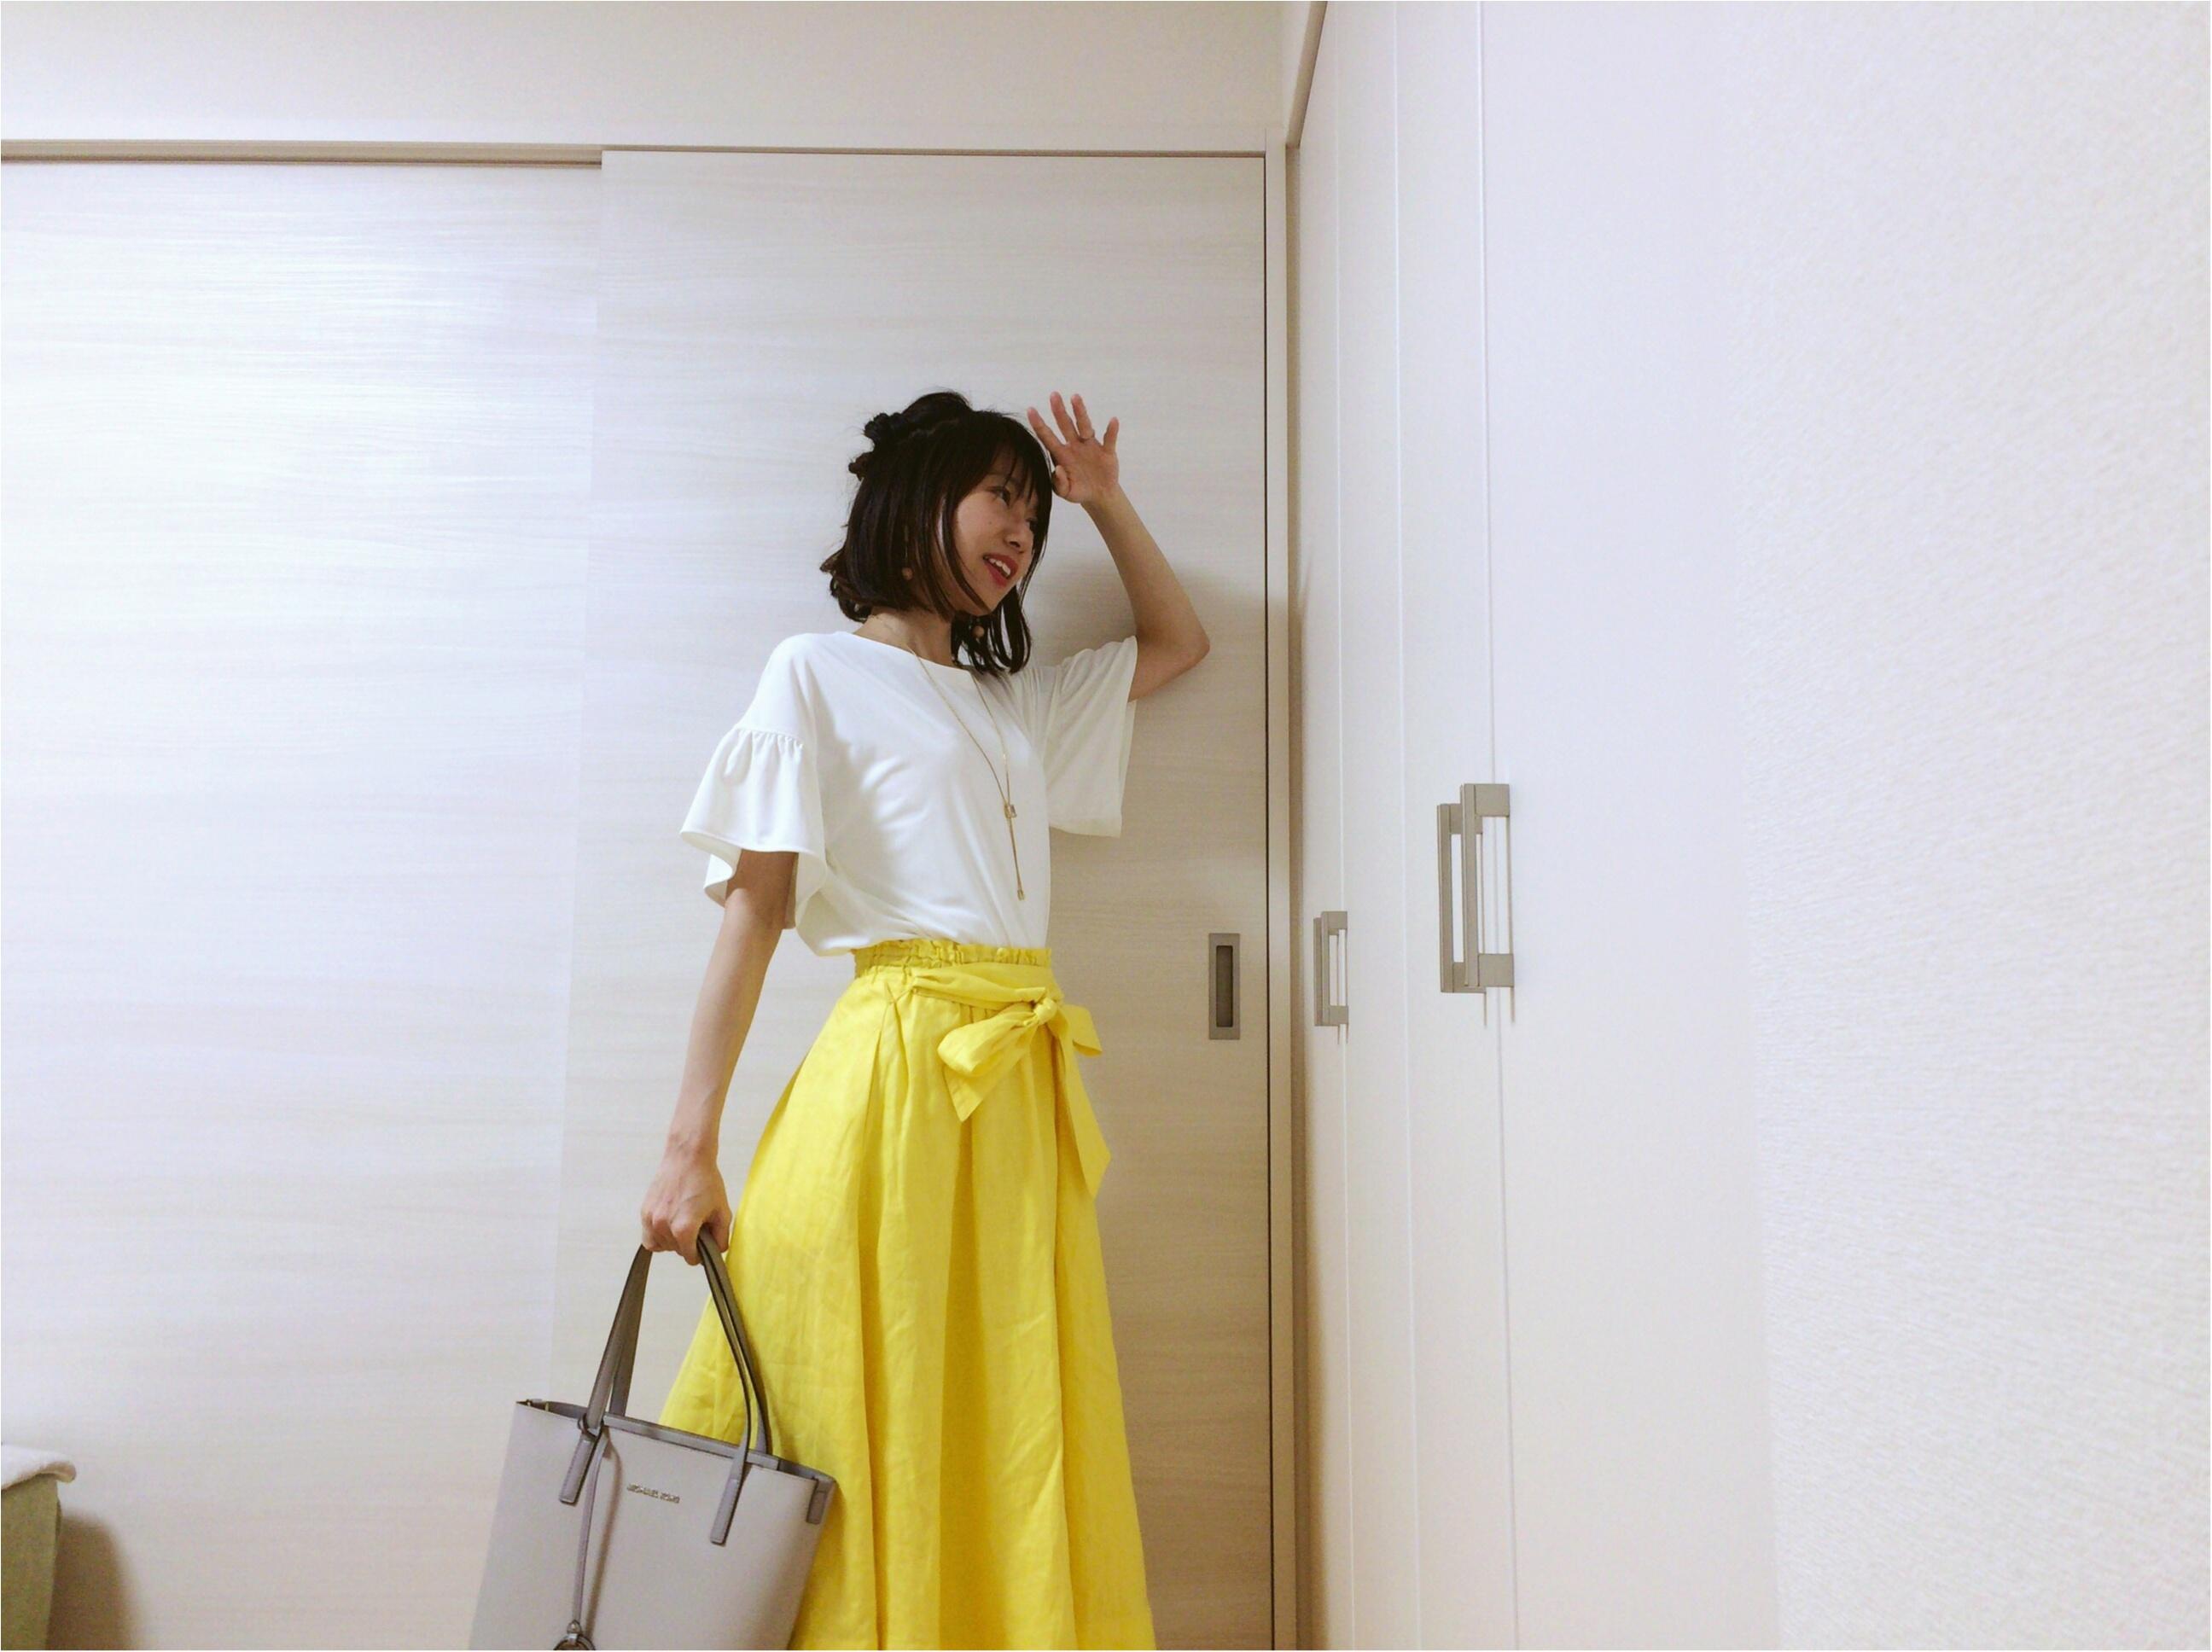 即使える【夏コーデ3選】流行!《イエロースカート》カジュアルからオフィス・休日まで簡単着回し♡_4